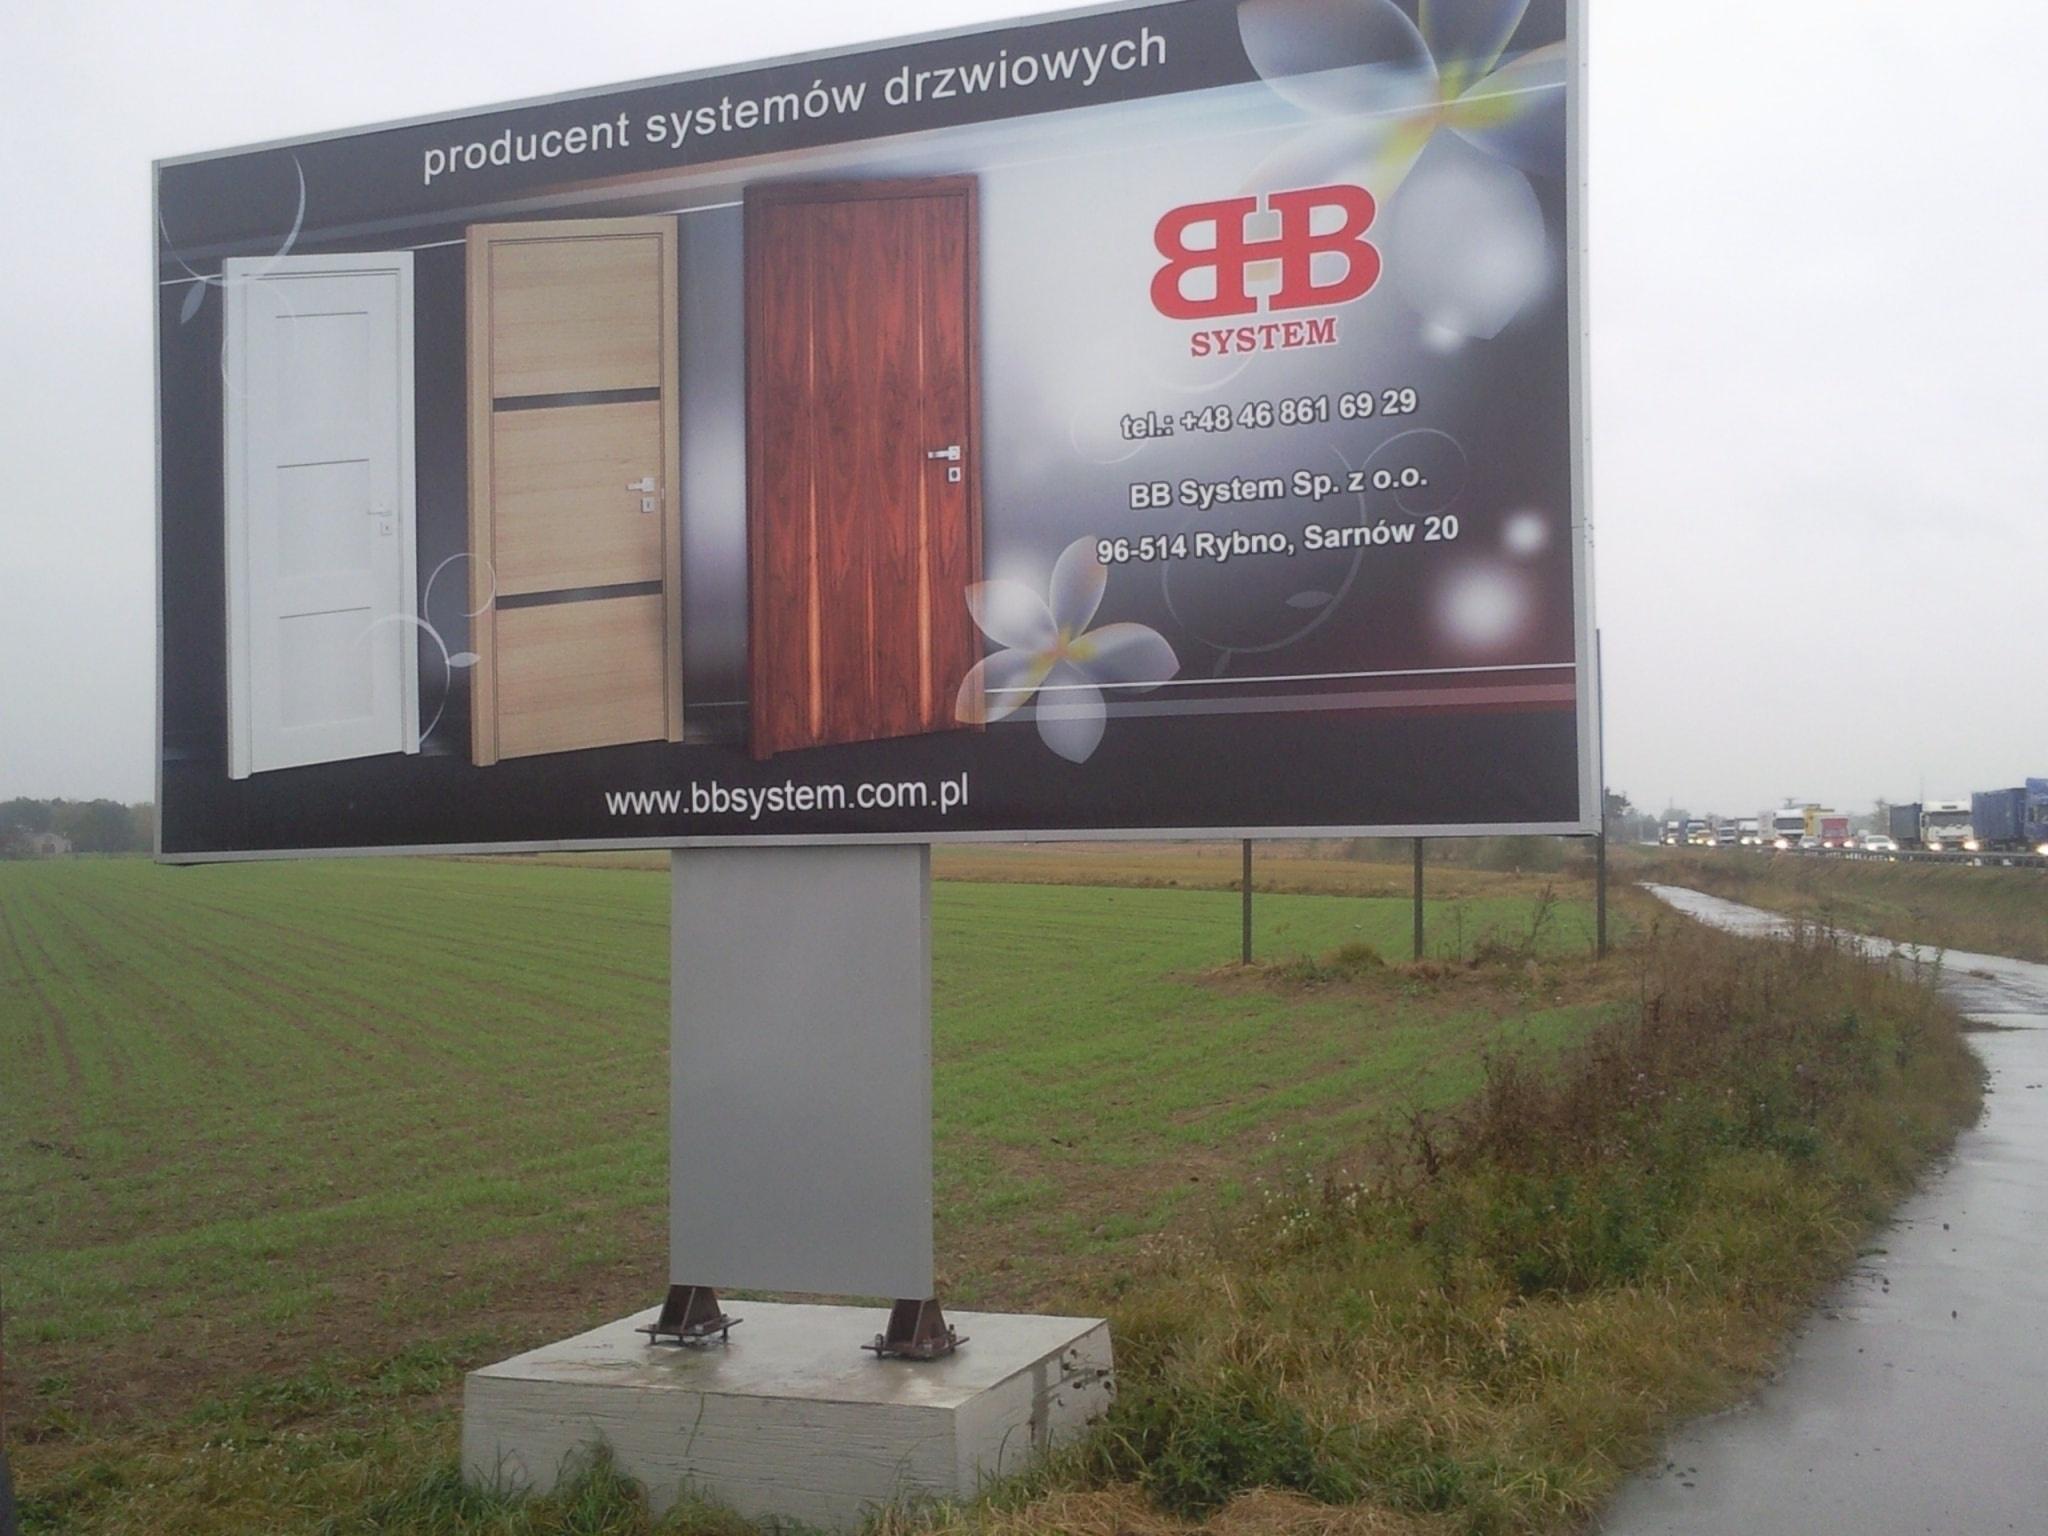 Niewiarygodnie Billboardy Warszawa Billboard Tablice reklamowe YH25